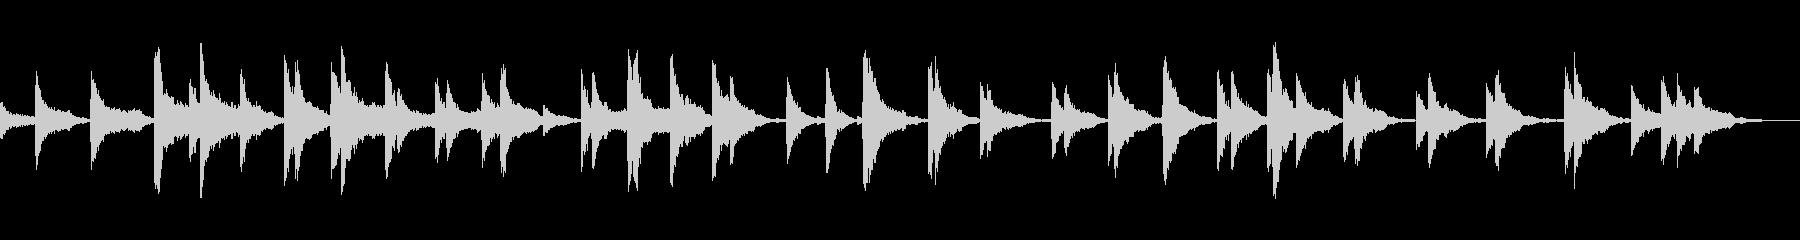 映画 スローな口笛風シンセ 癒し 催眠の未再生の波形